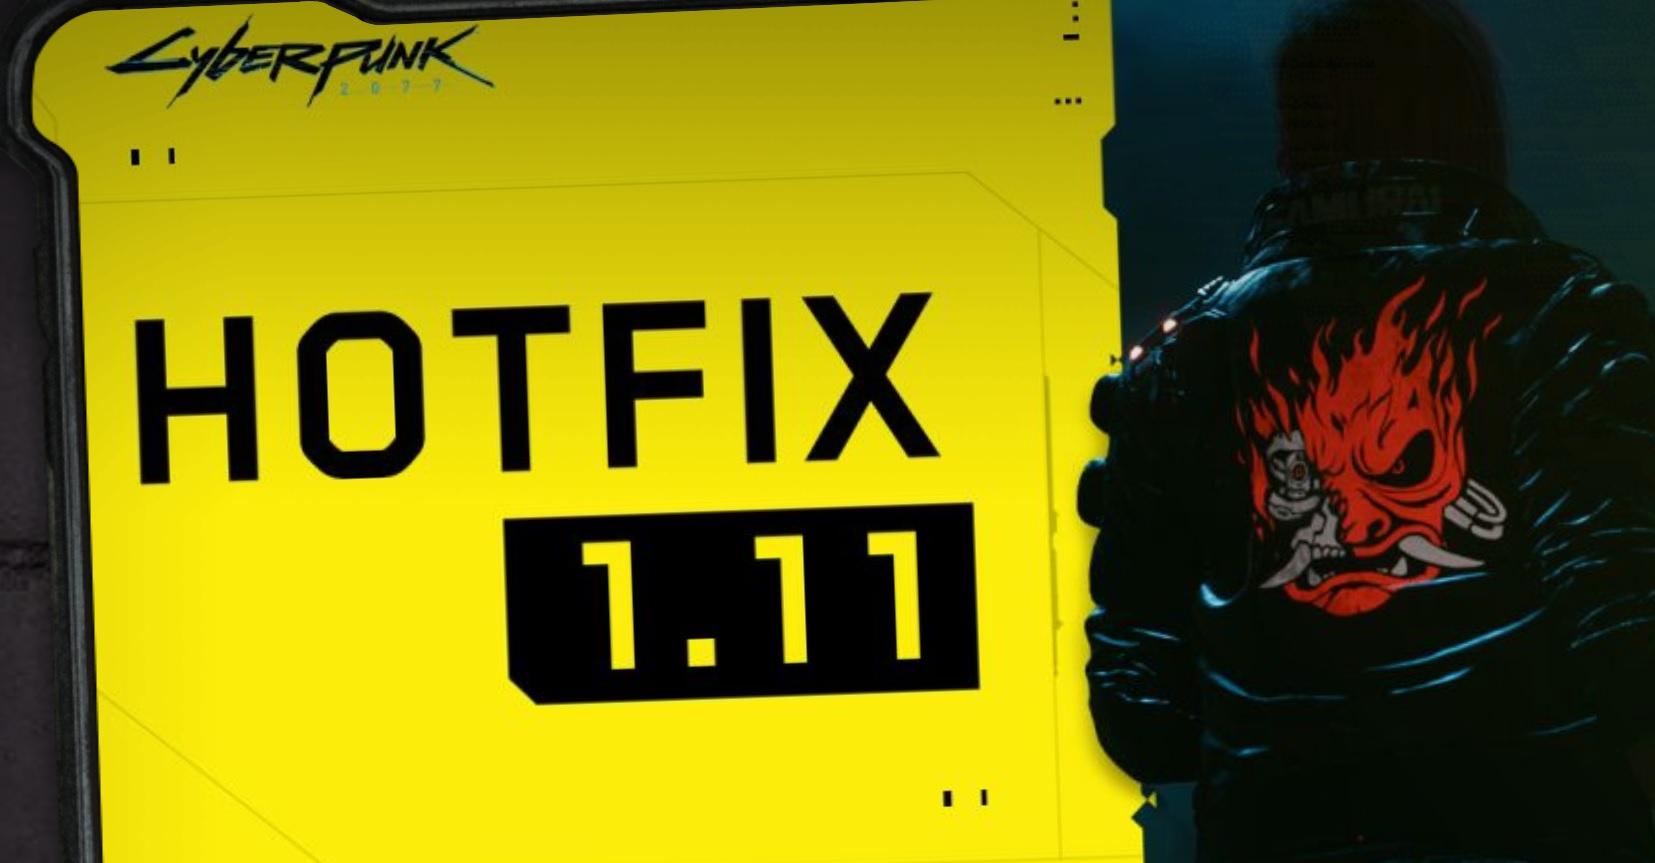 Cyberpunk 2077: Hotfix 1.11 è ora disponibile